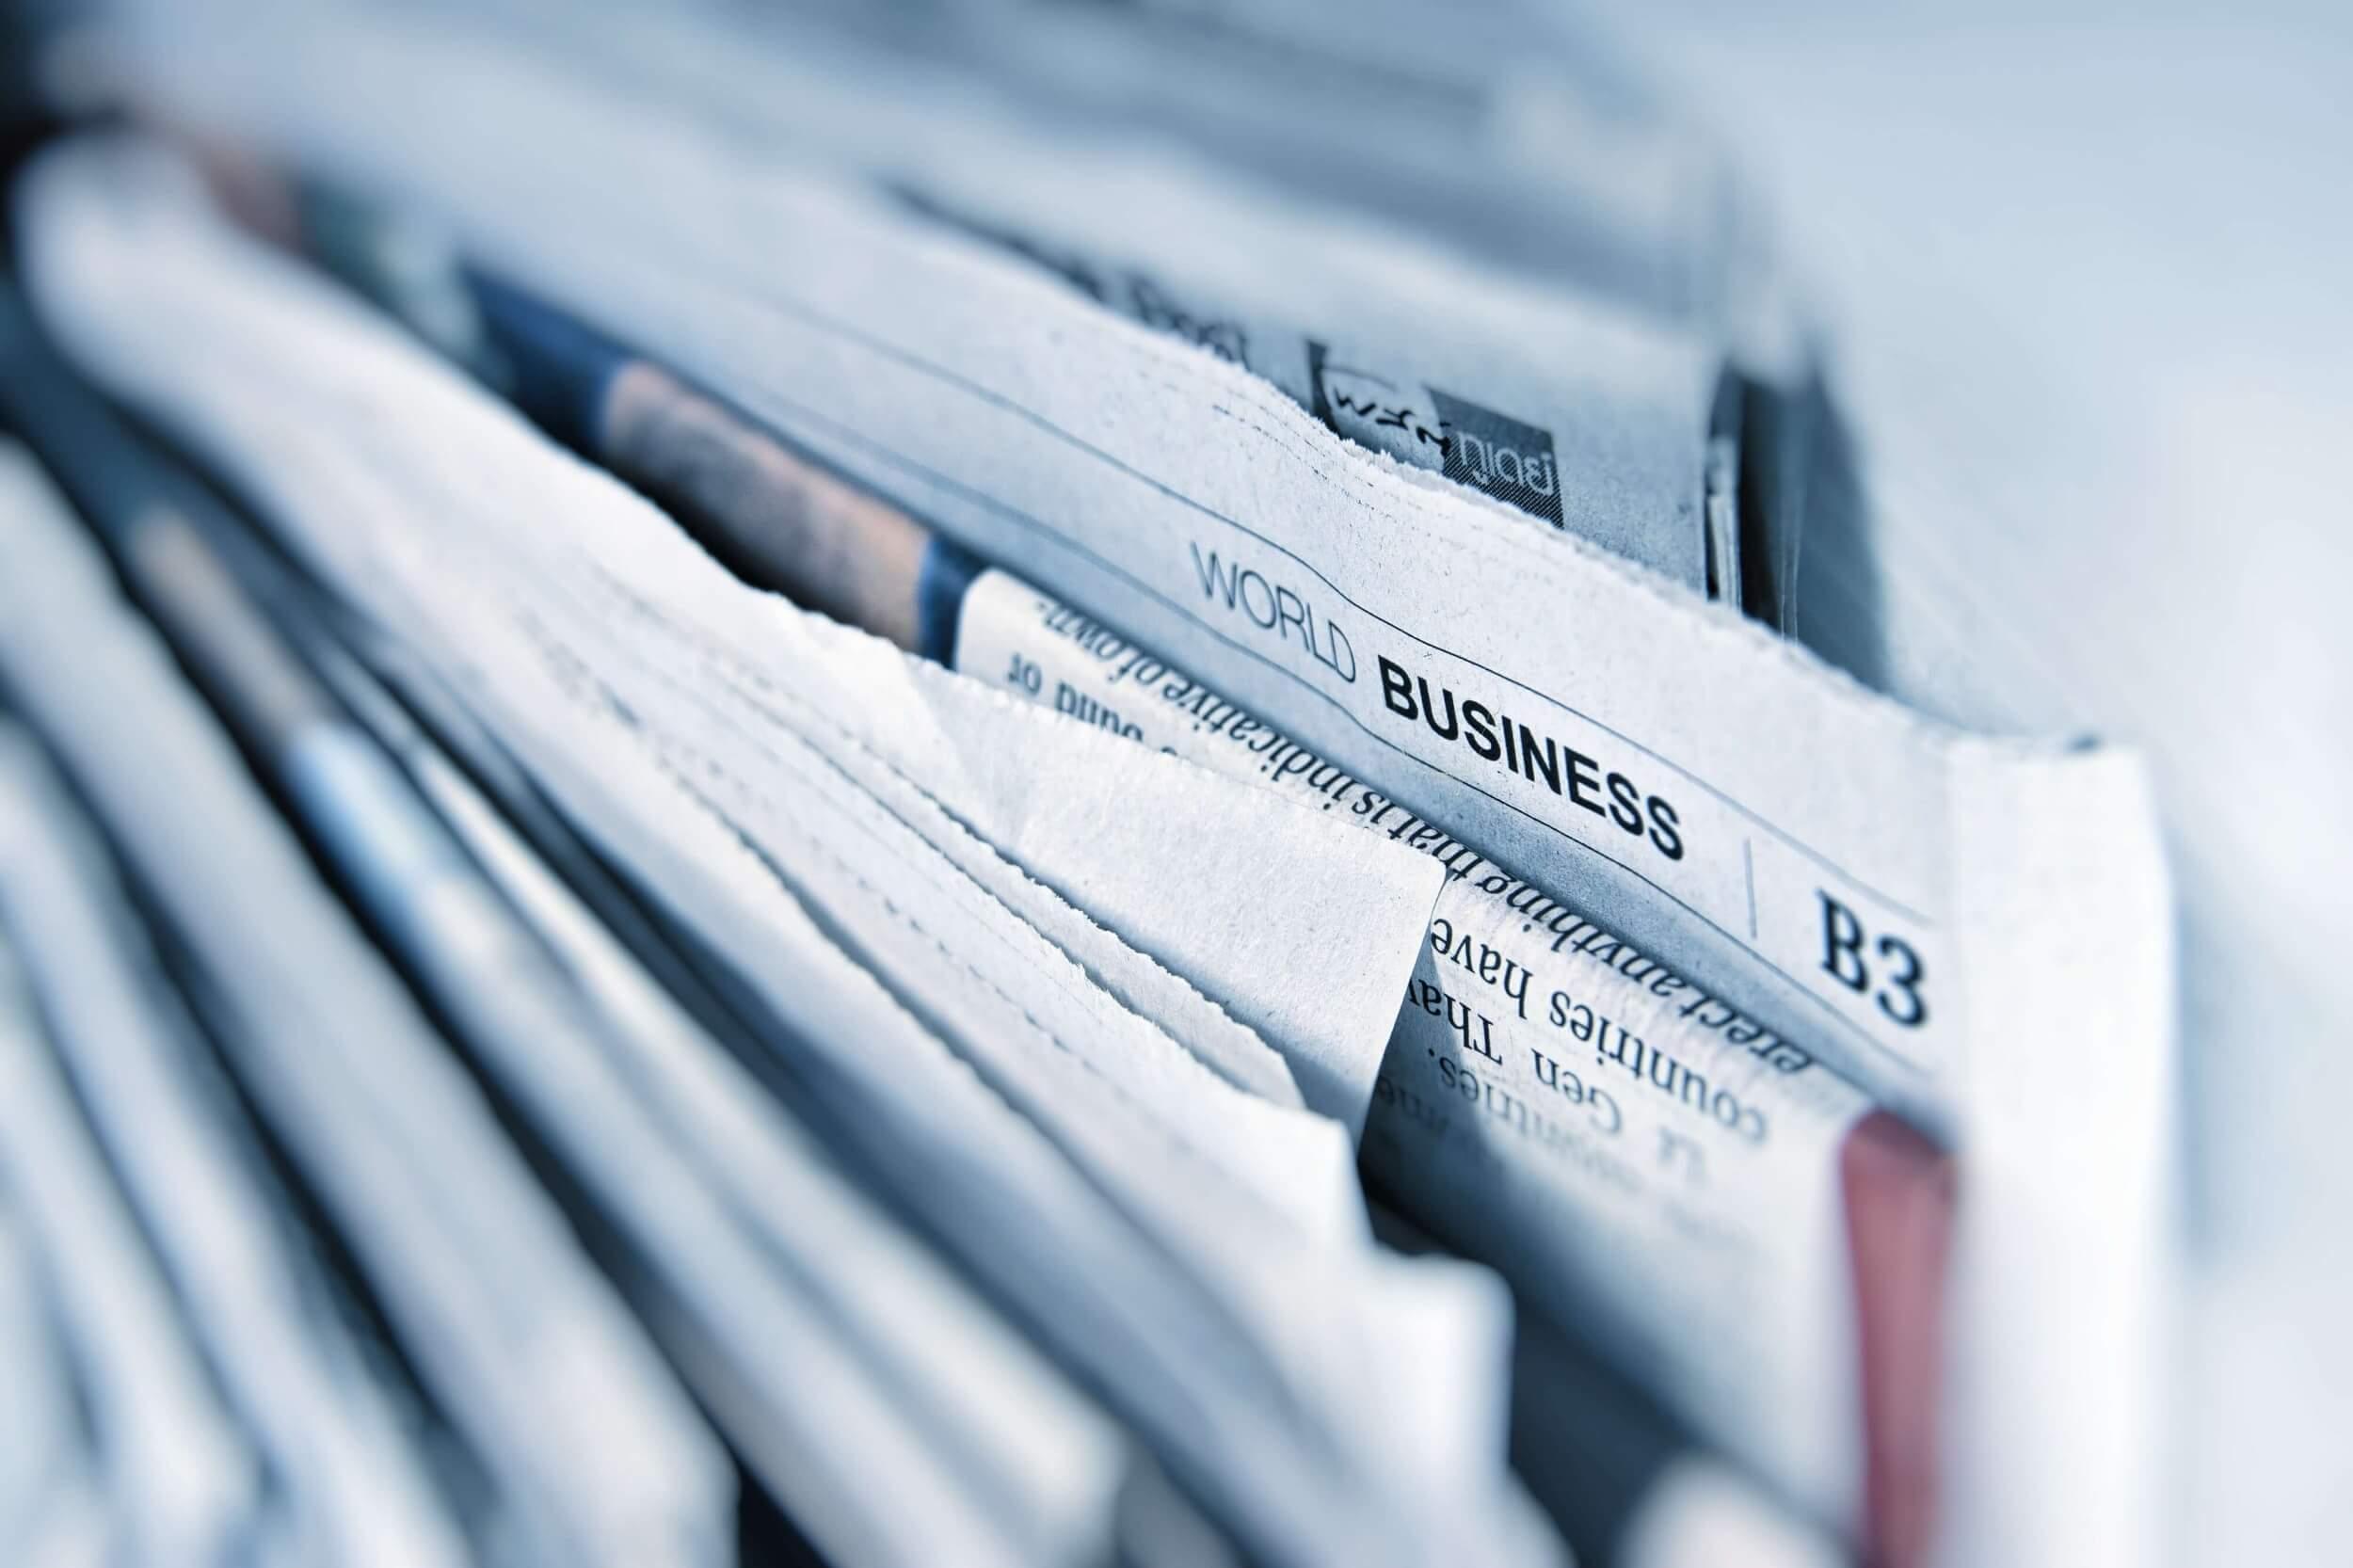 Gazety opisujące kwestie gospodarcze, między innymi wprowadzenie prostej spółki akcyjnej